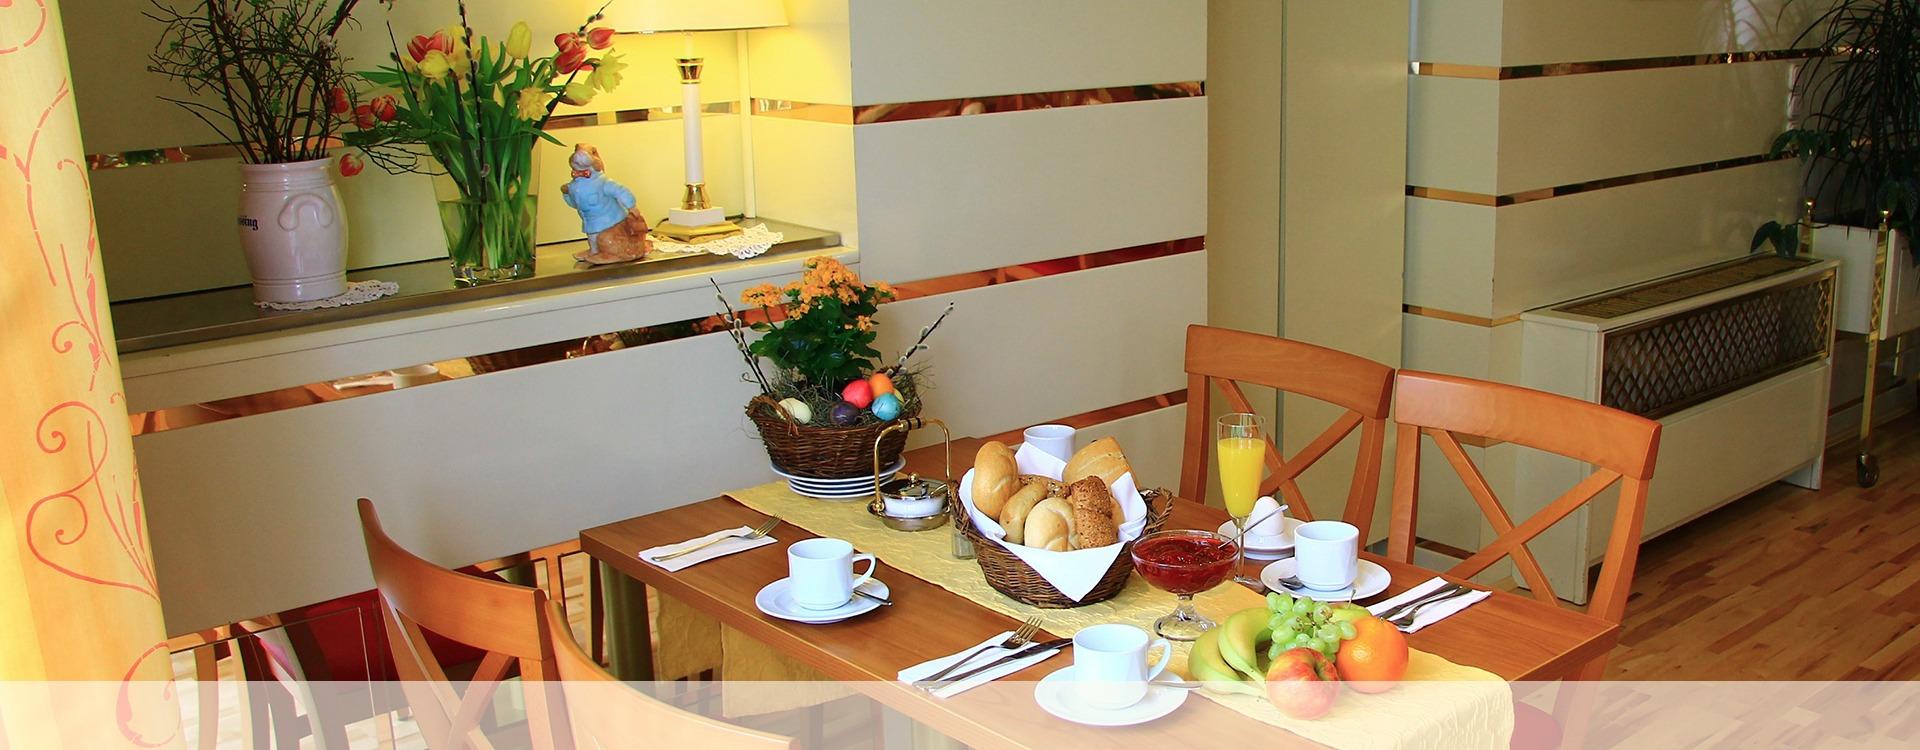 Gemütliches Frühstück im Hotel in Eichenau